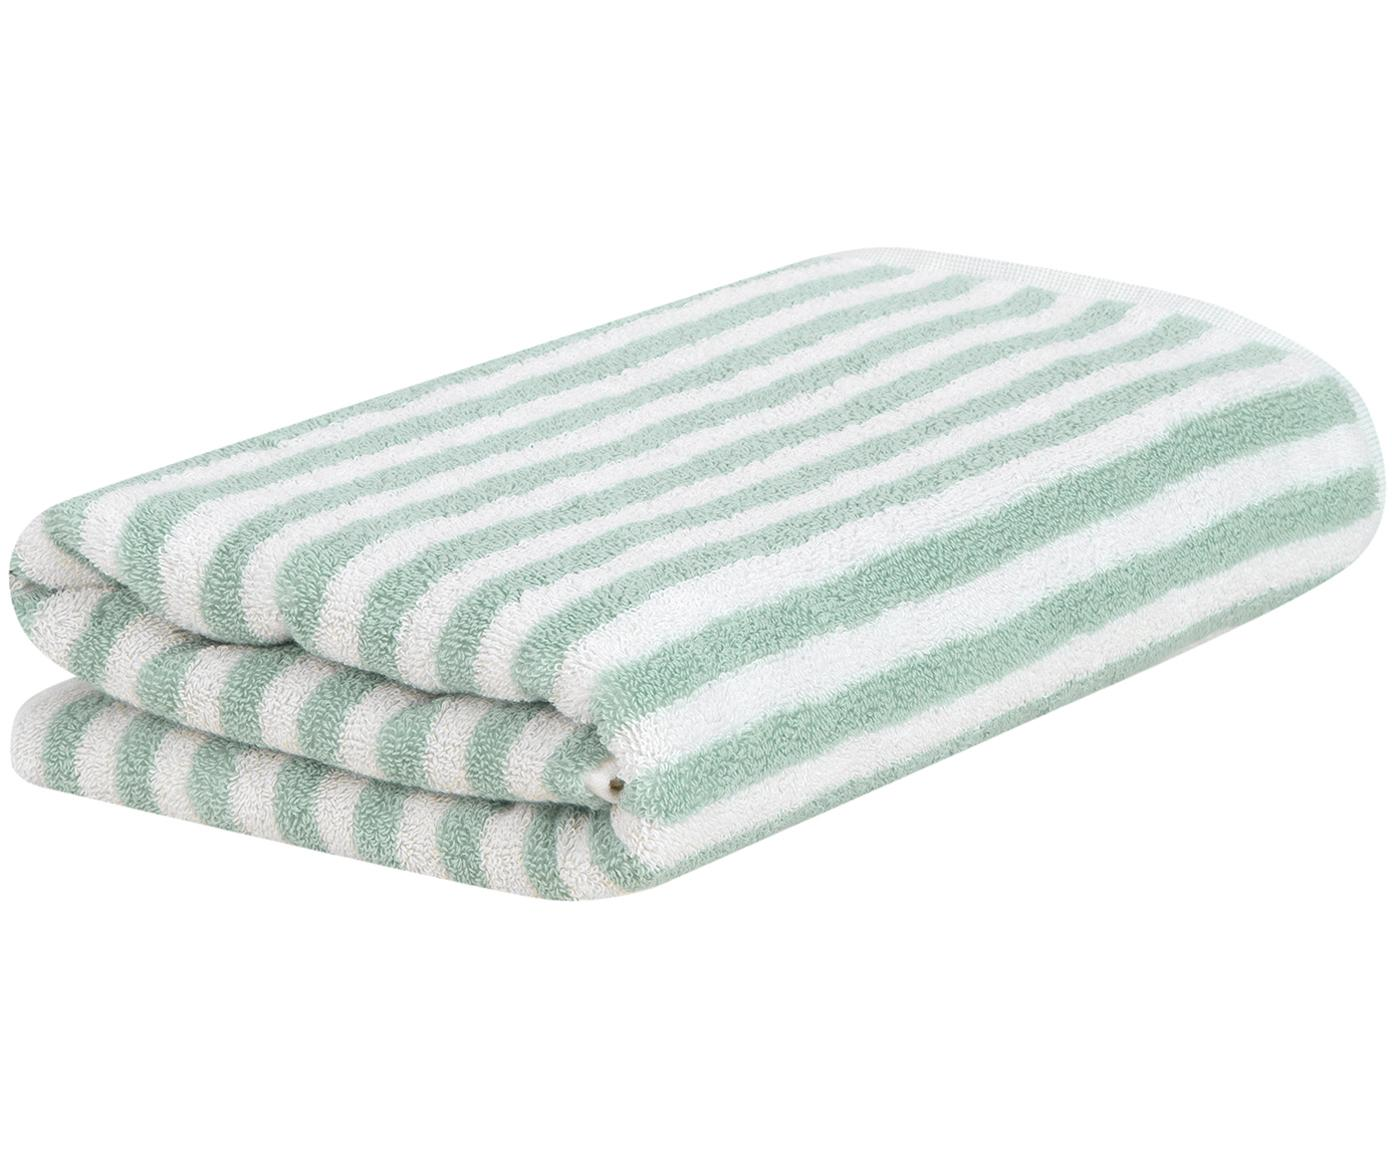 Ręcznik Viola, Miętowozielony, kremowobiały, Ręcznik do rąk